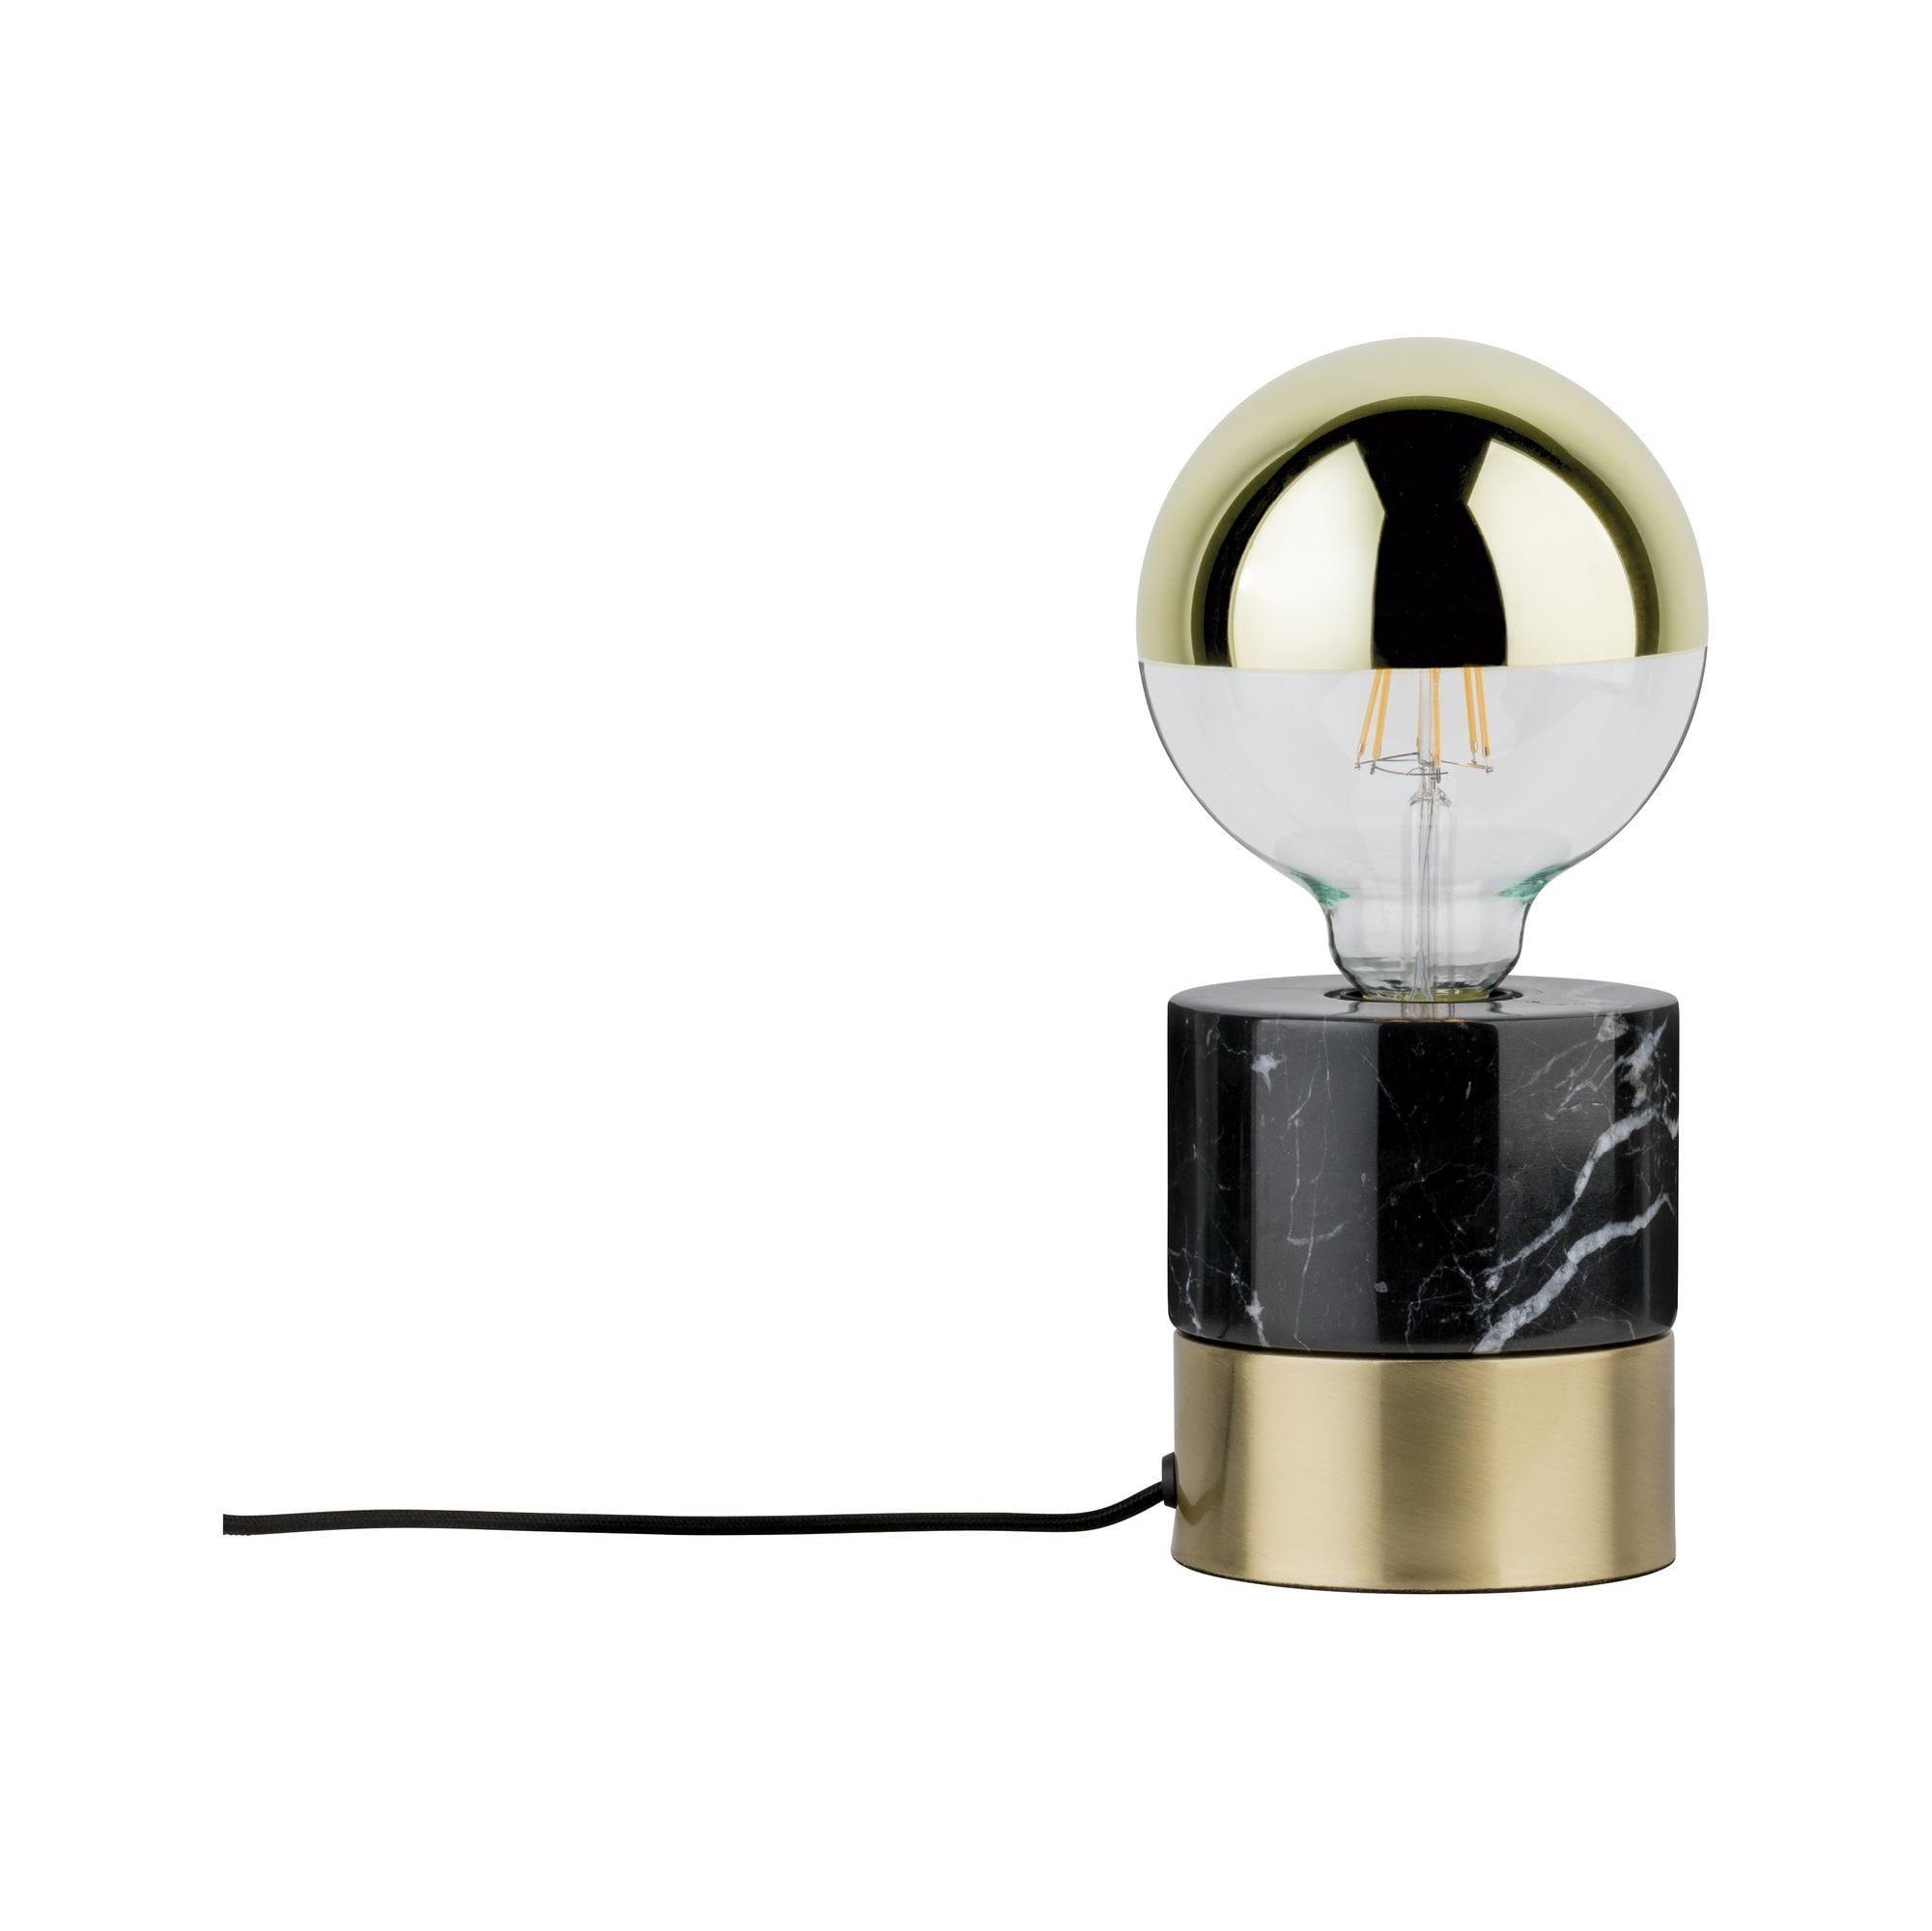 Paulmann LED Tischleuchte Vala Messing gebürstet/Marmor schwarz max. 20W E27, E27, 1 St.